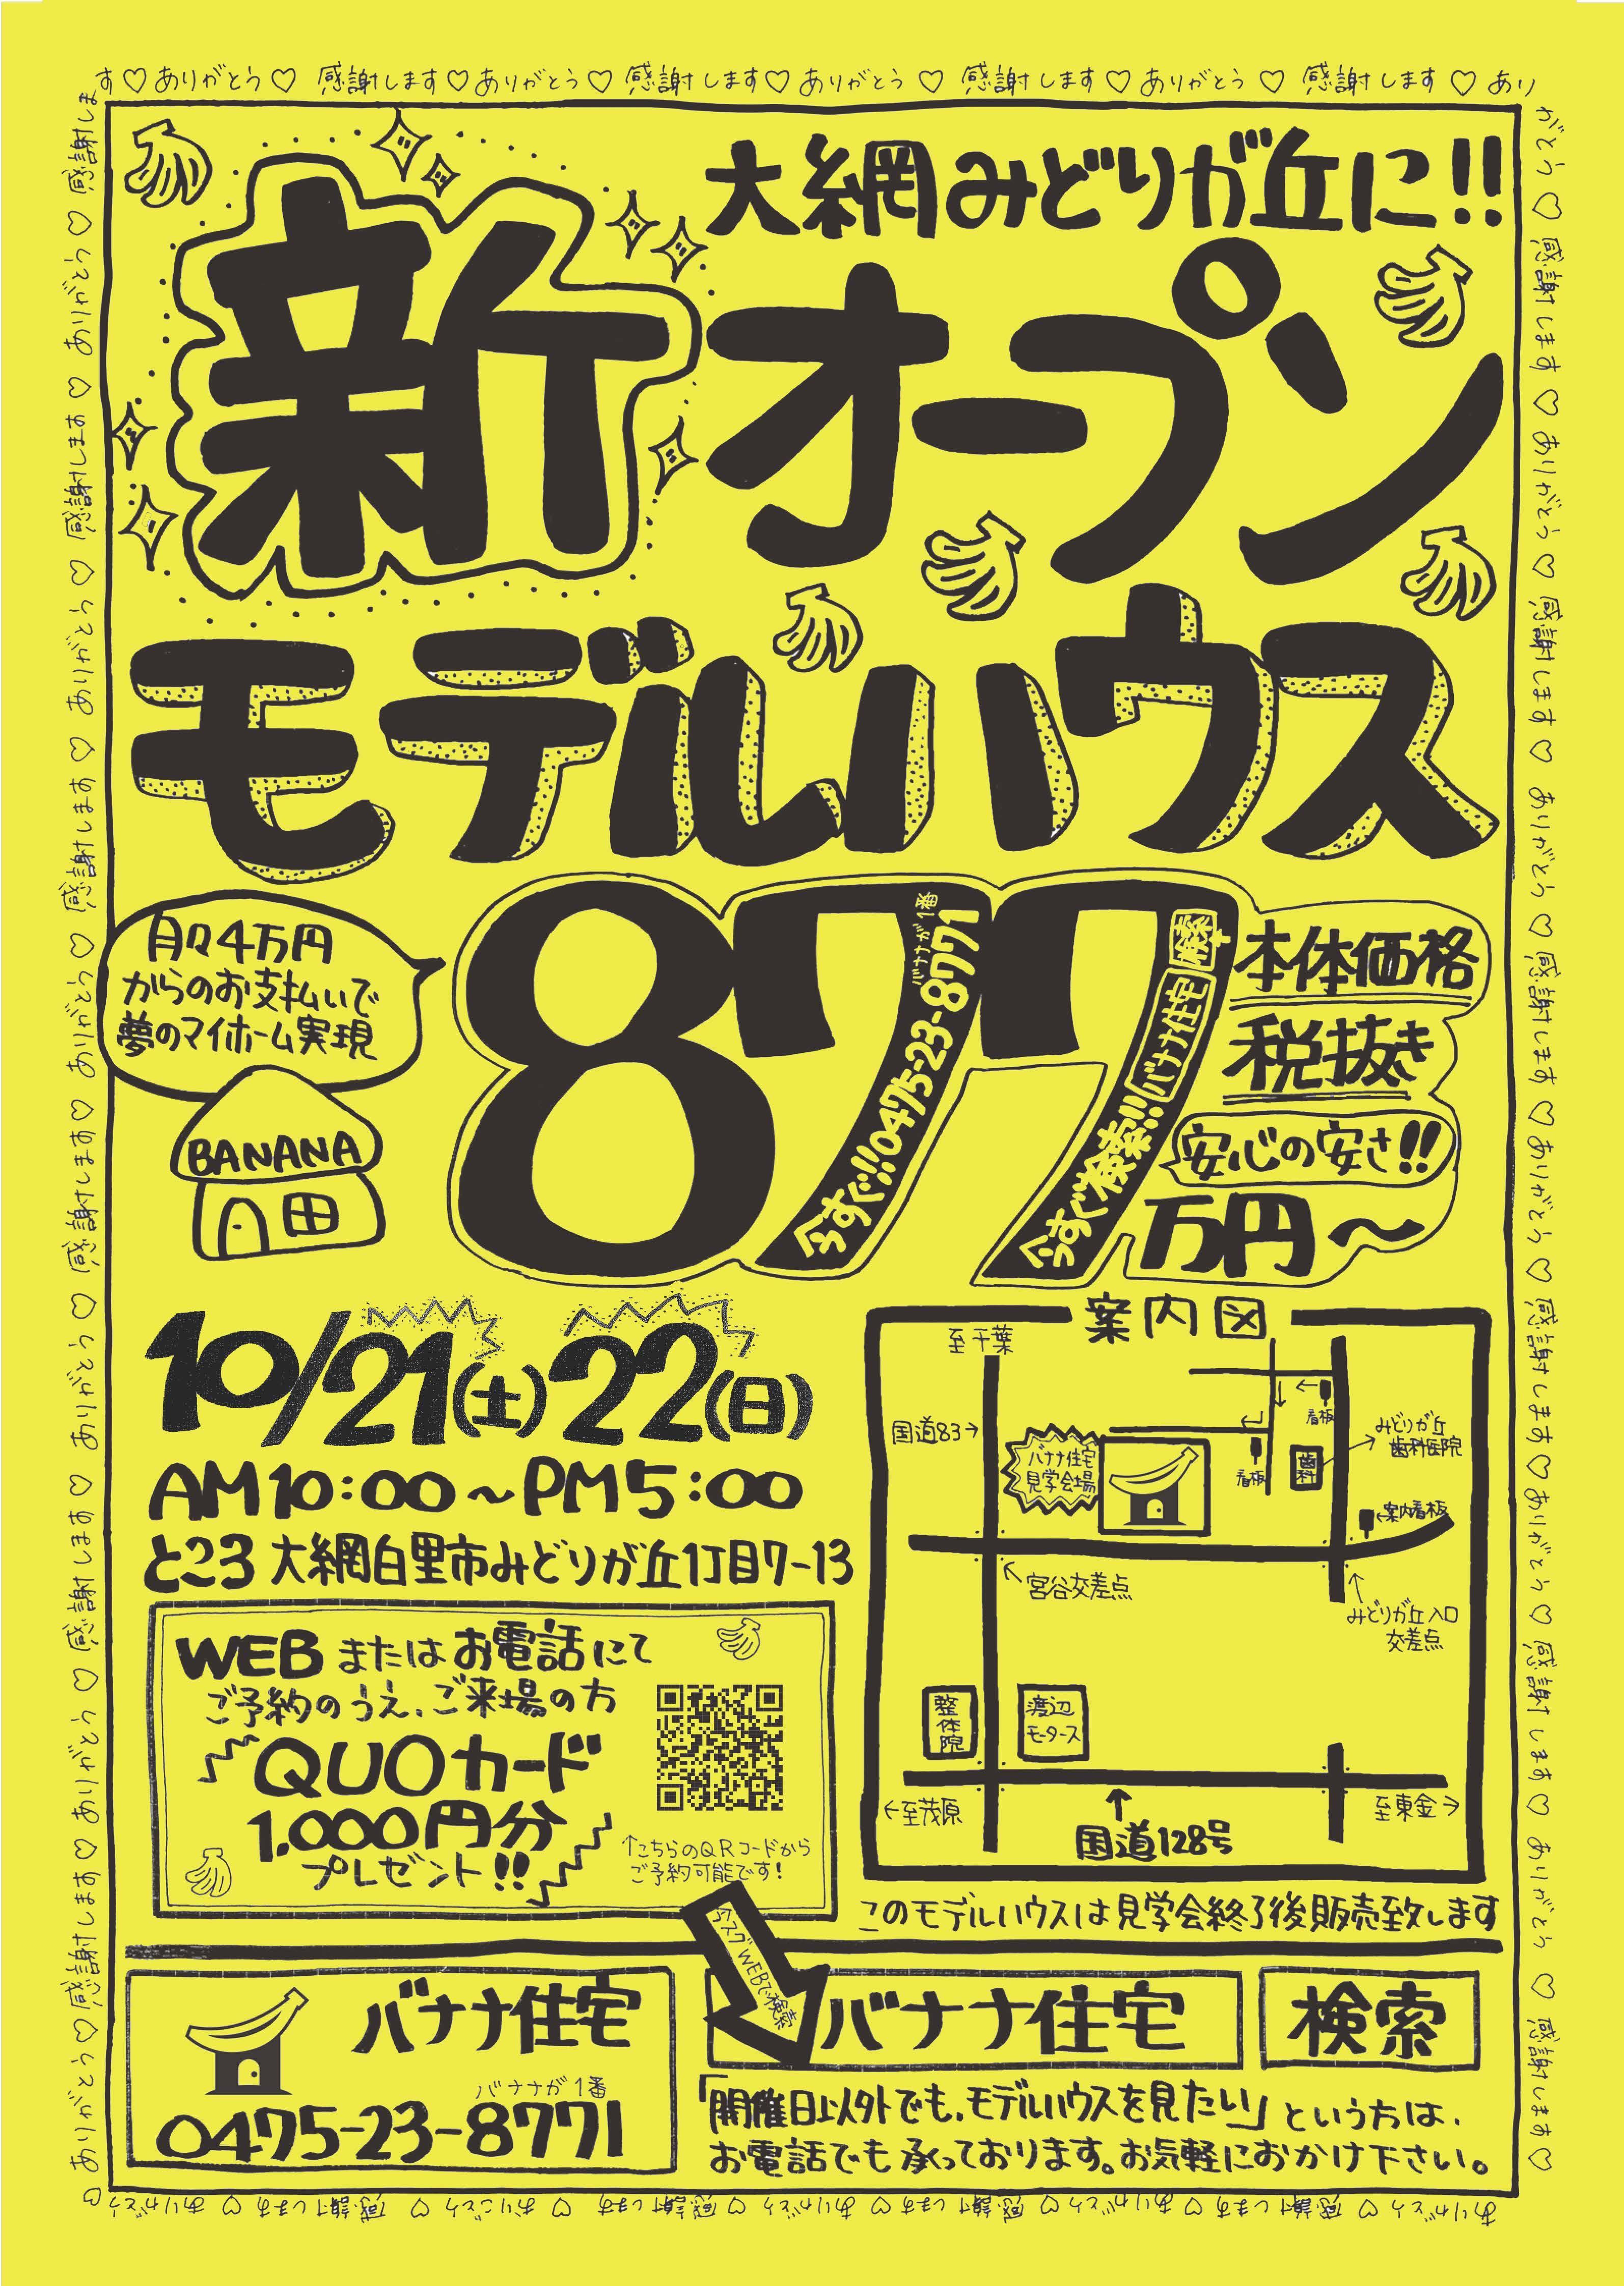 【大網白里】新モデルハウスオープン